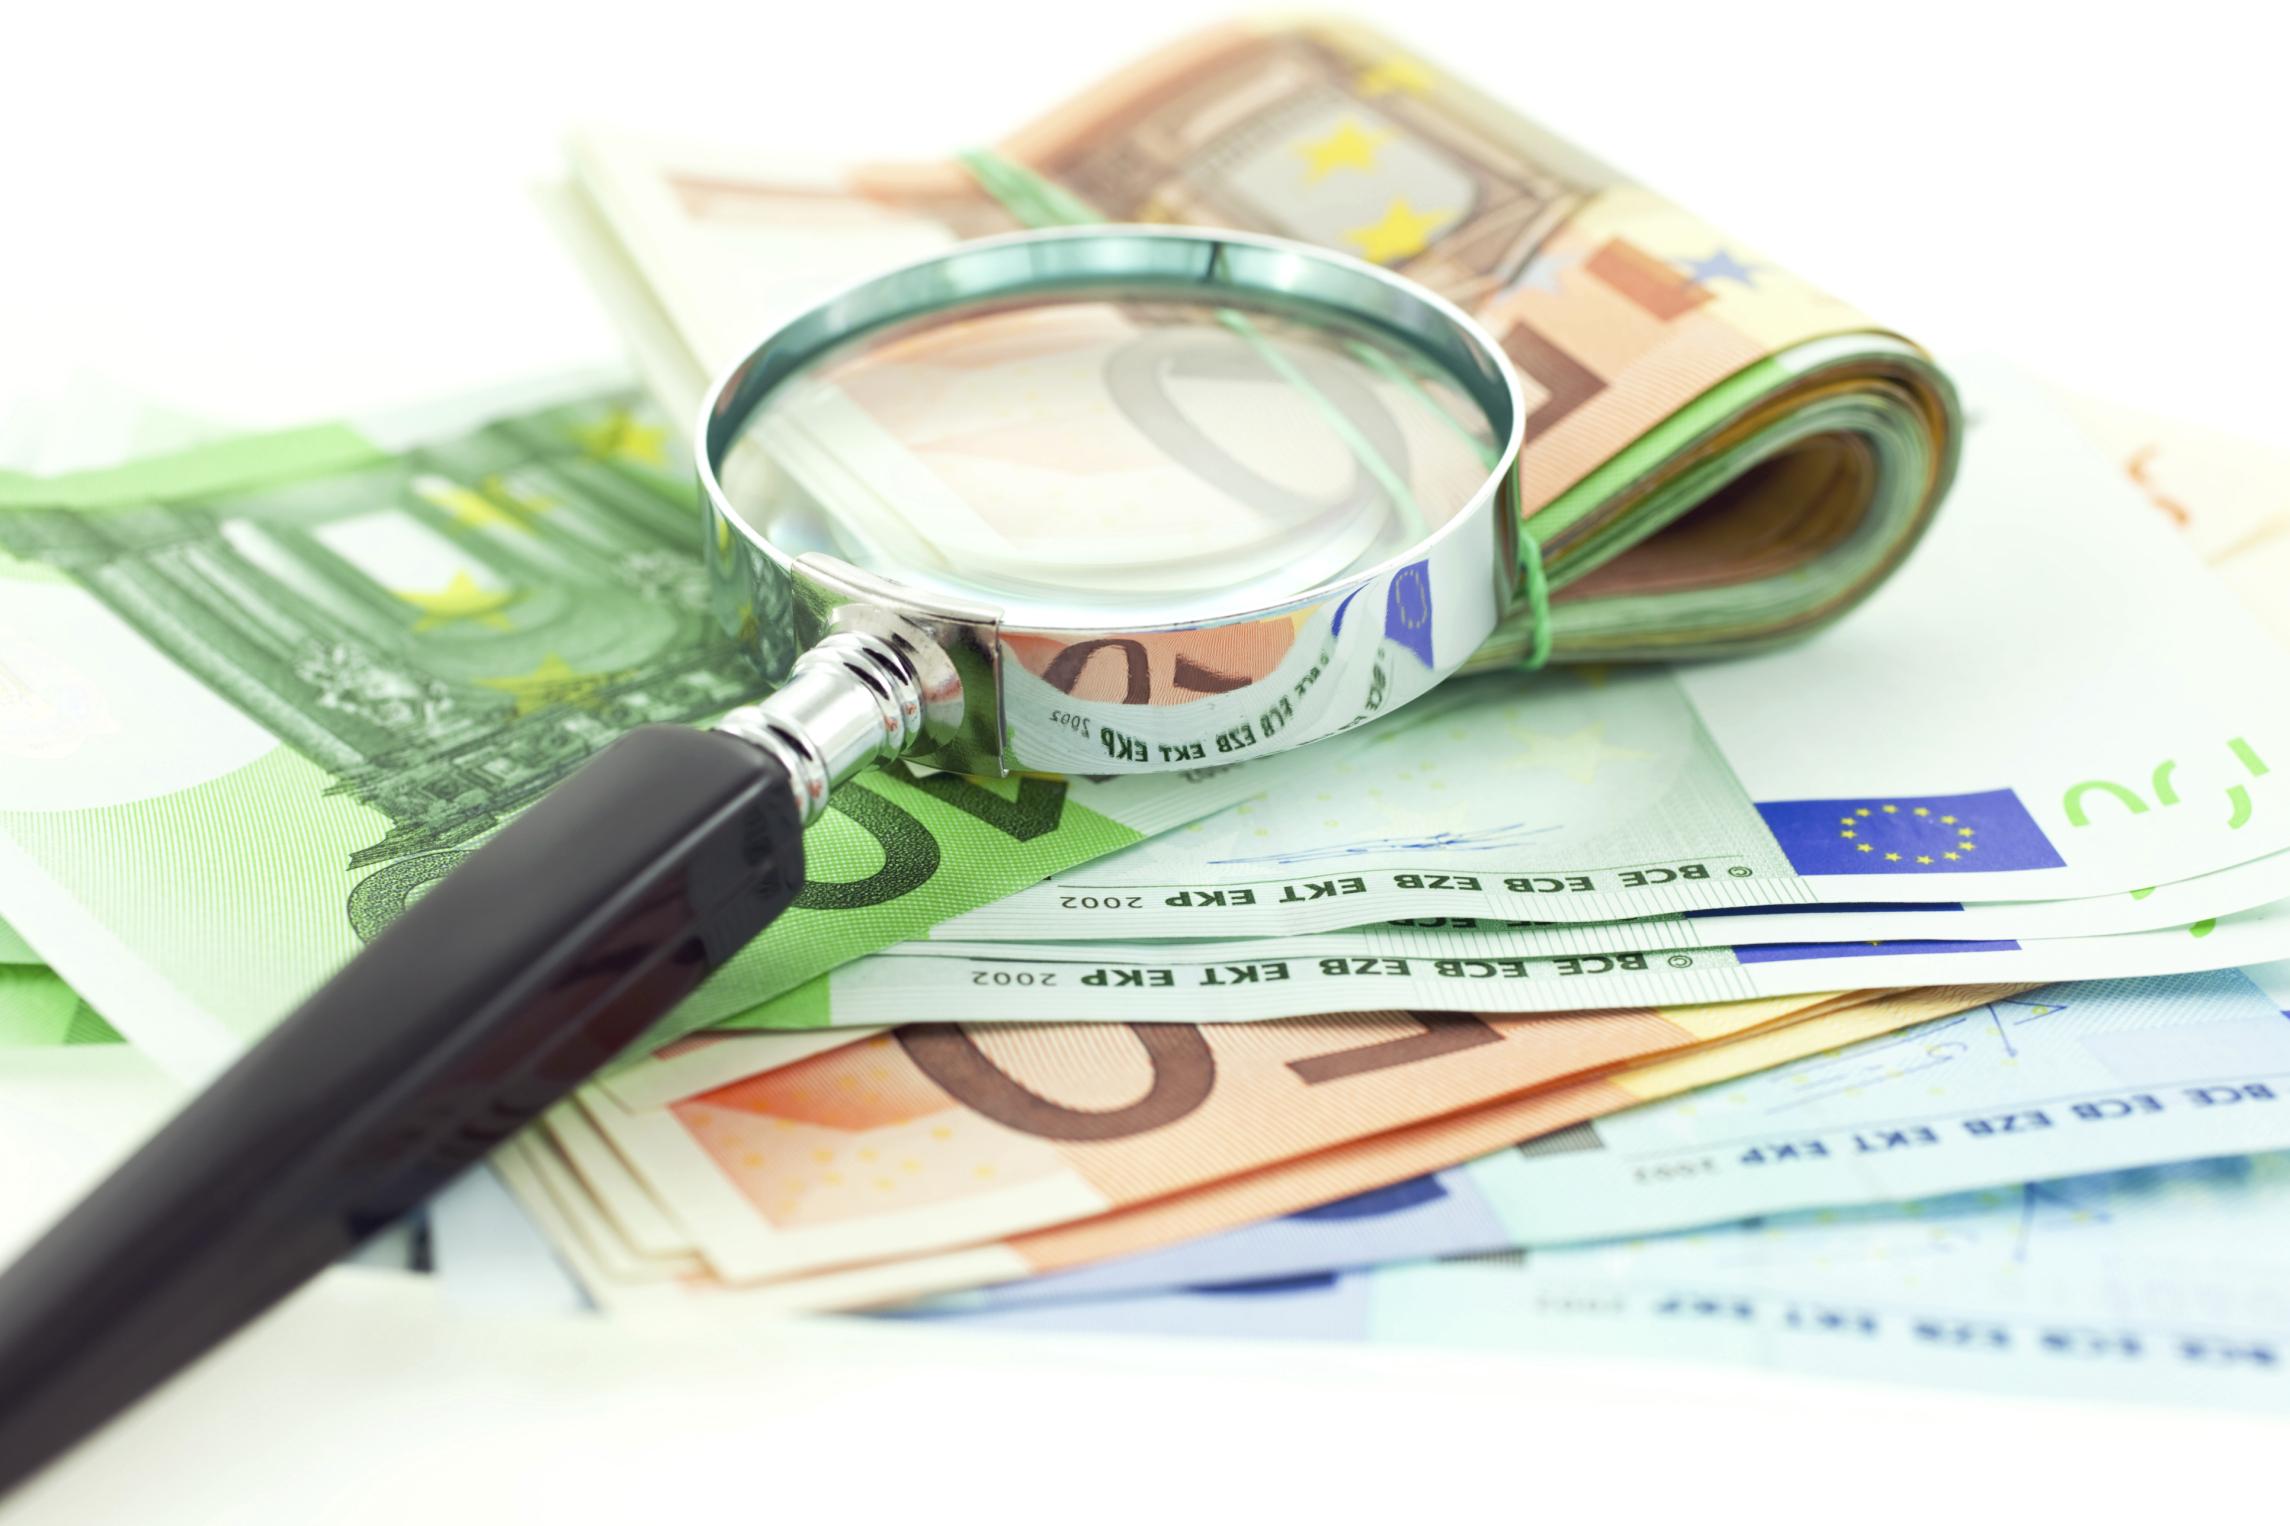 Где брать деньги пока нет кредитов: 4 альтернативы